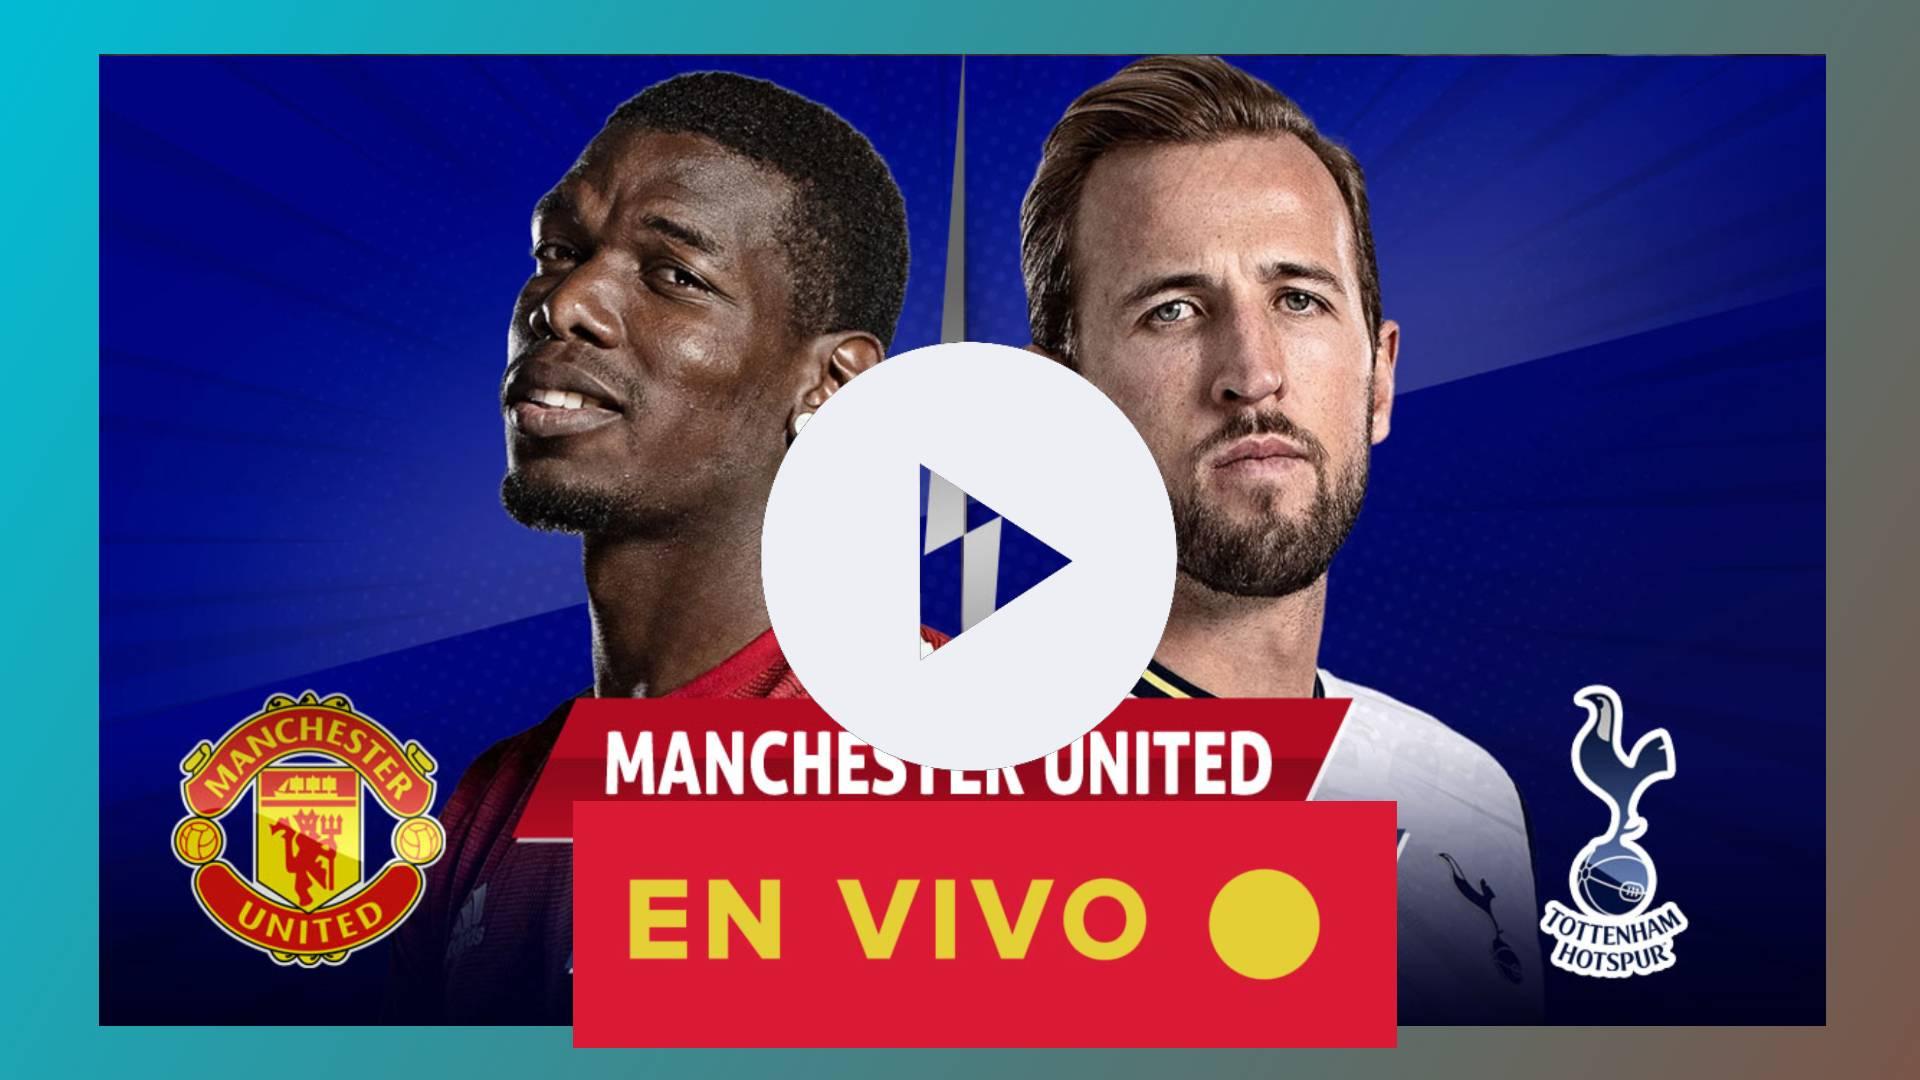 MIRAR AQUI Manchester United vs Tottenham ONLINE EN VIVO HORARIOS Y CANALES QUE TRANSMITEN por la Premier League 2020